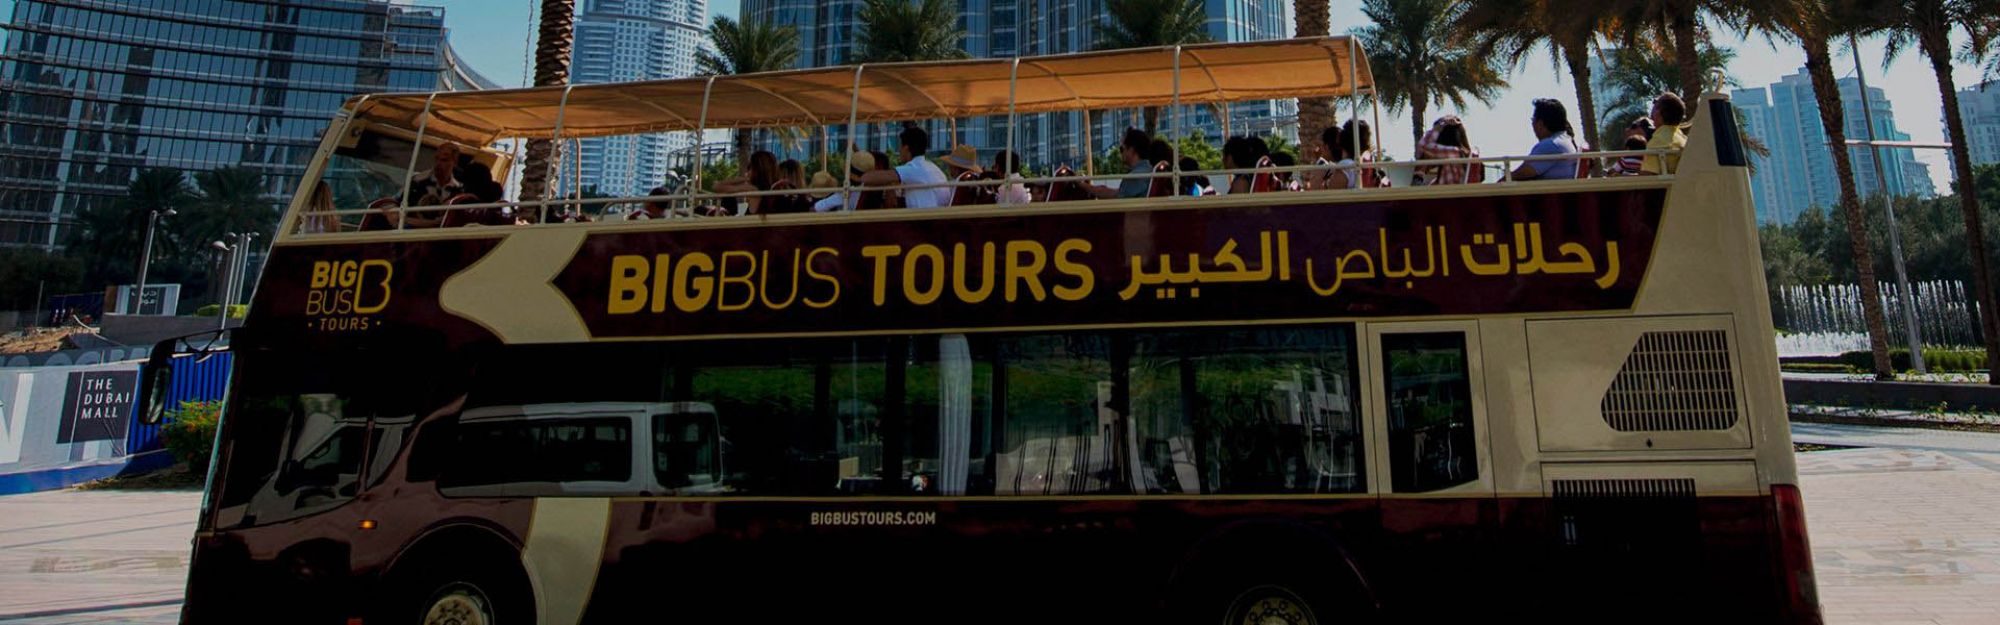 Dubai Classic Ticket